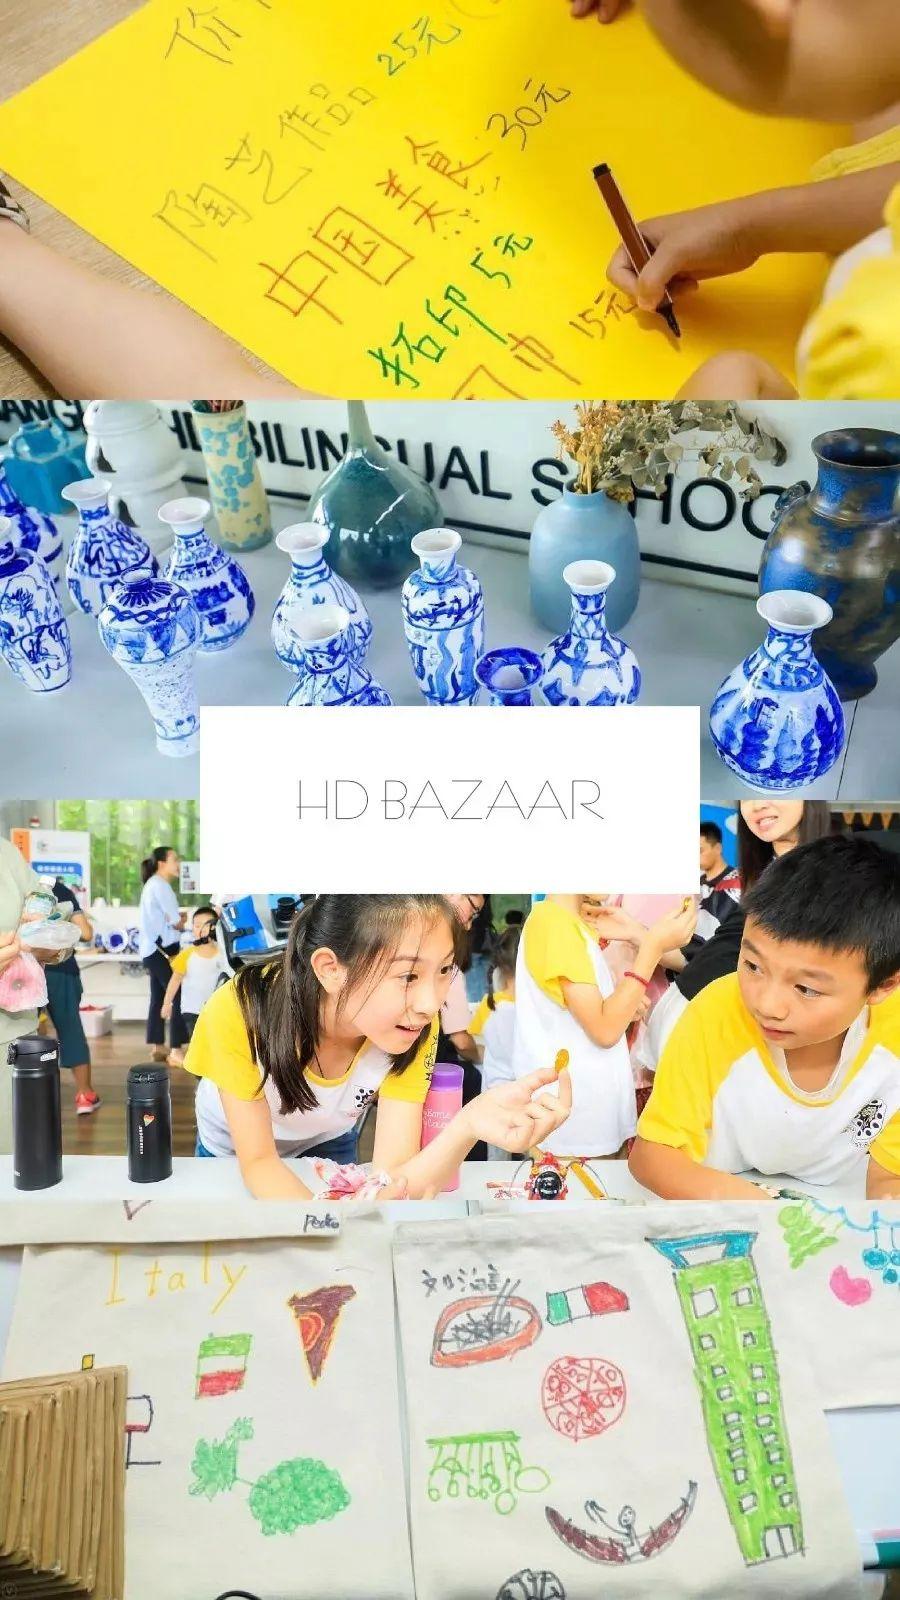 上海赫德2020官方小学部夏令营9